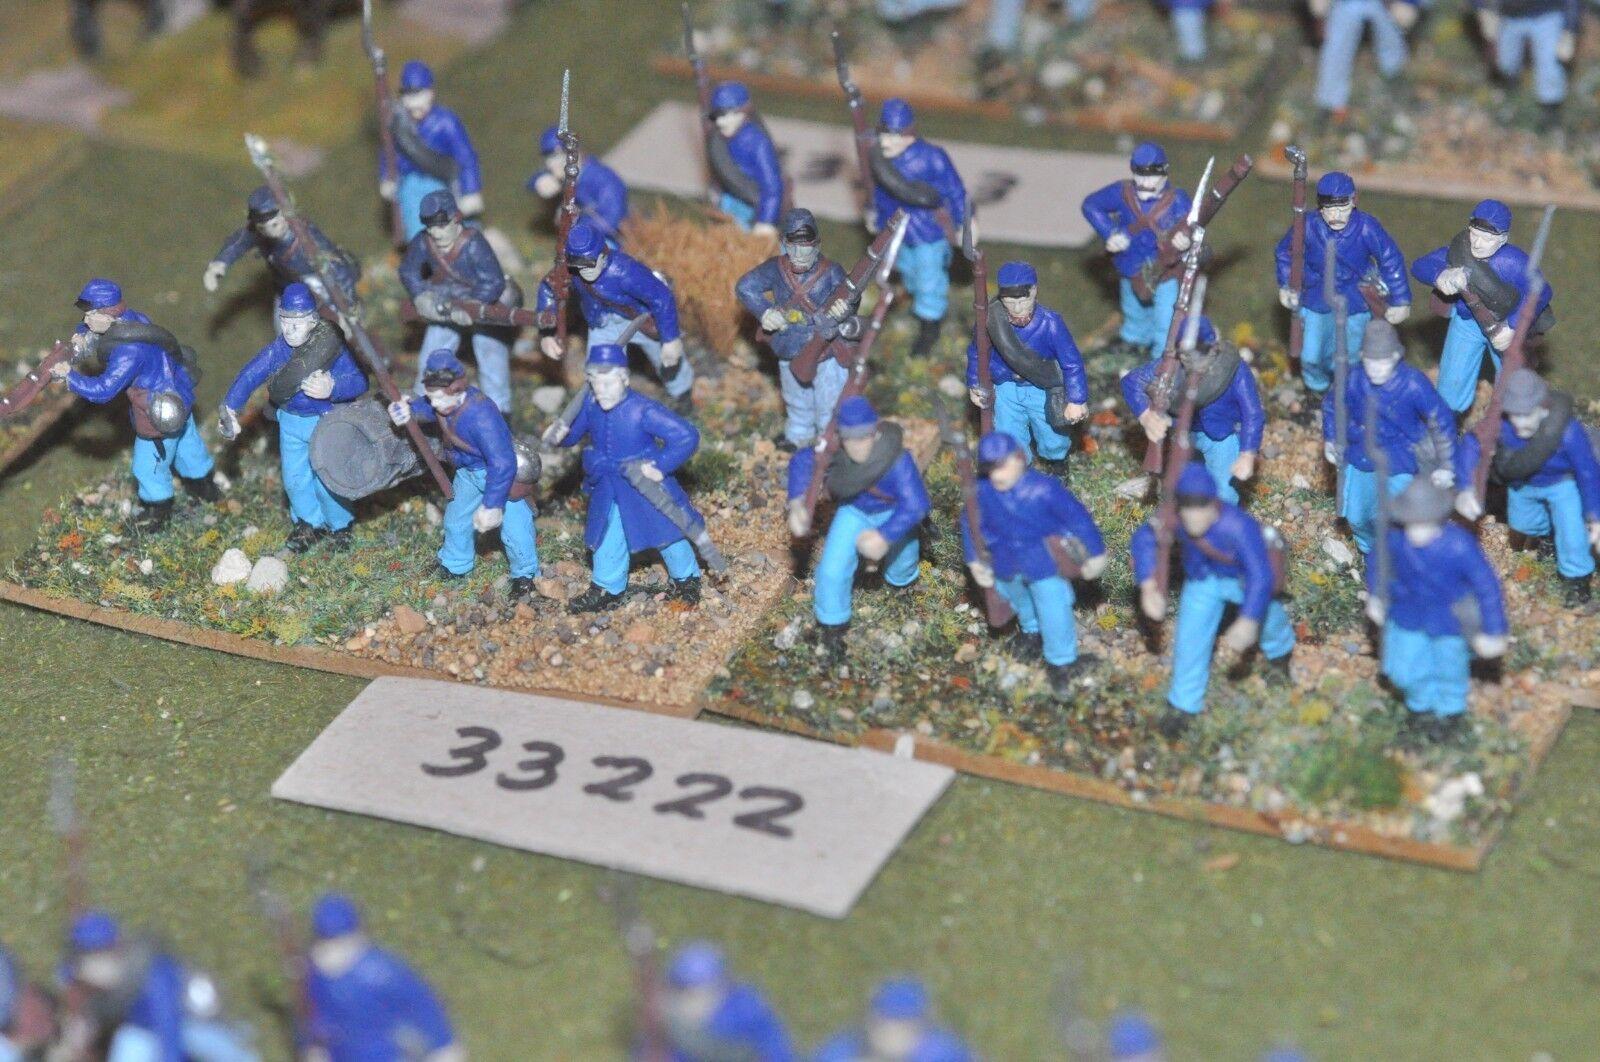 25mm ACW   union - regiment (plastic) 24 figures - inf (33222)